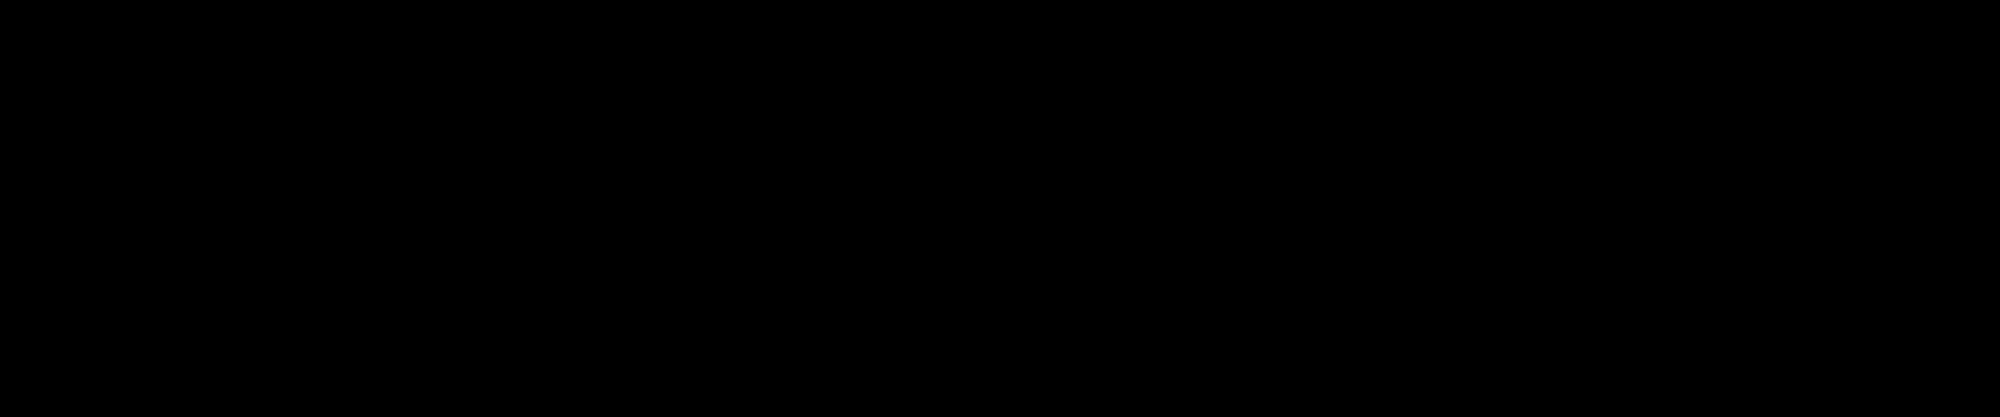 Jeux online des membres PS4_Logo